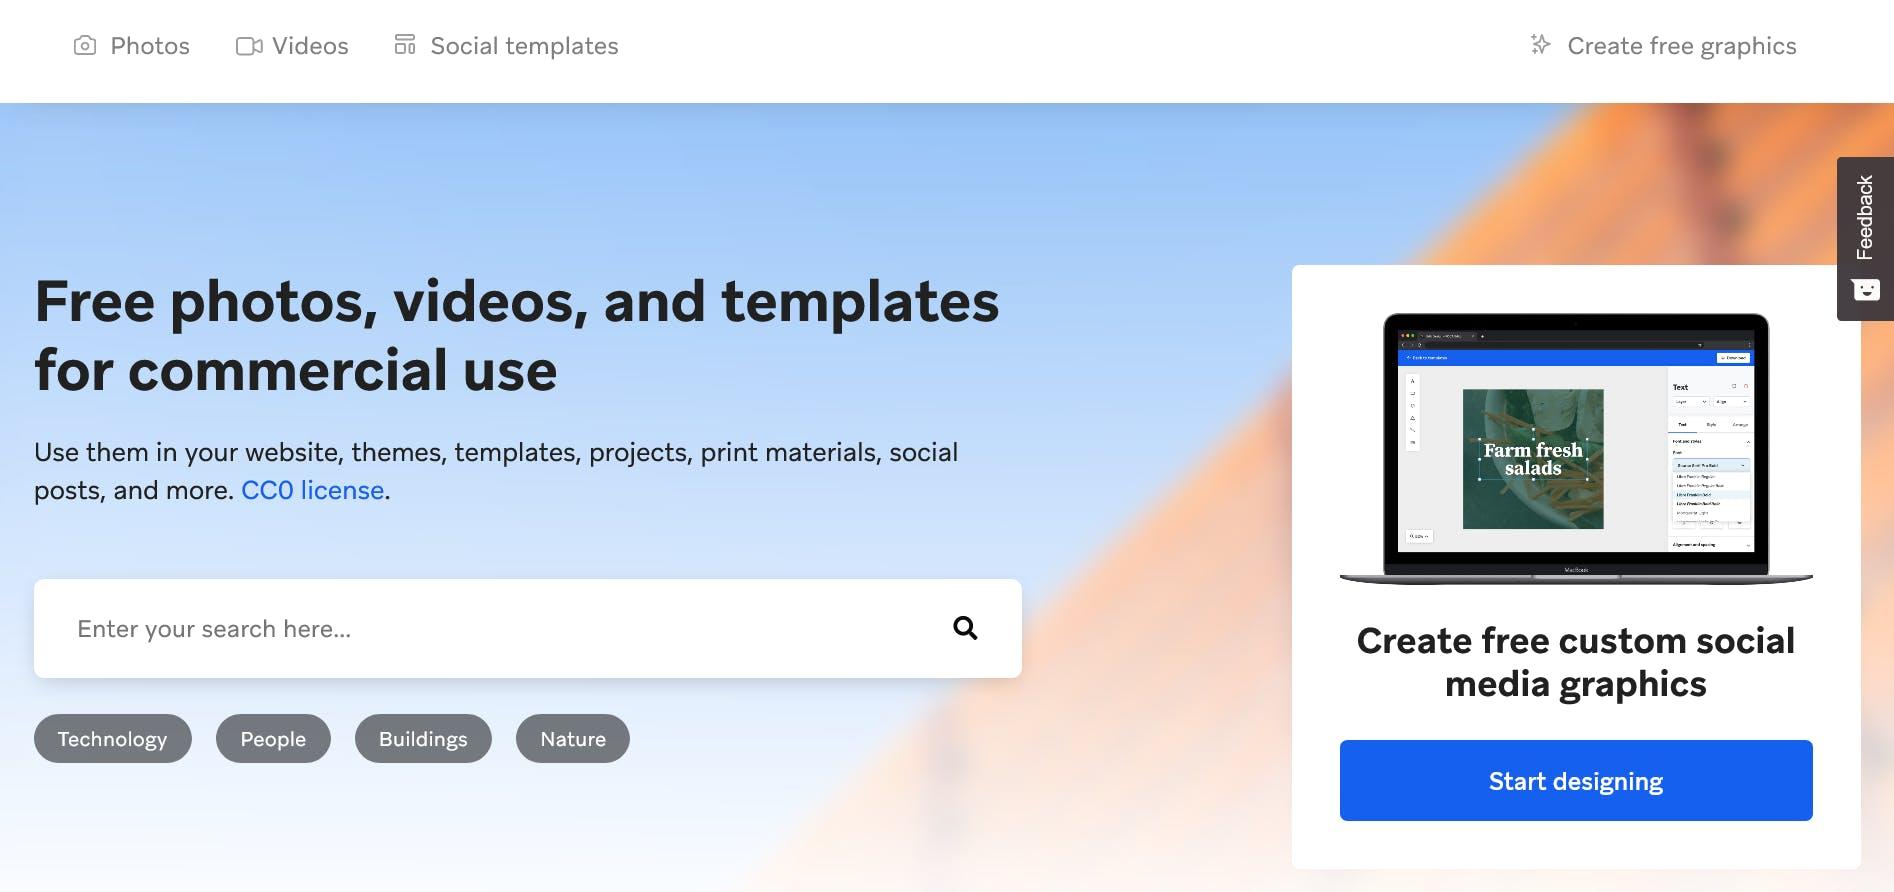 Screenshot 2021-04-30 at 08-31-02 FOCA Stock - Free photos, videos, and templates.png